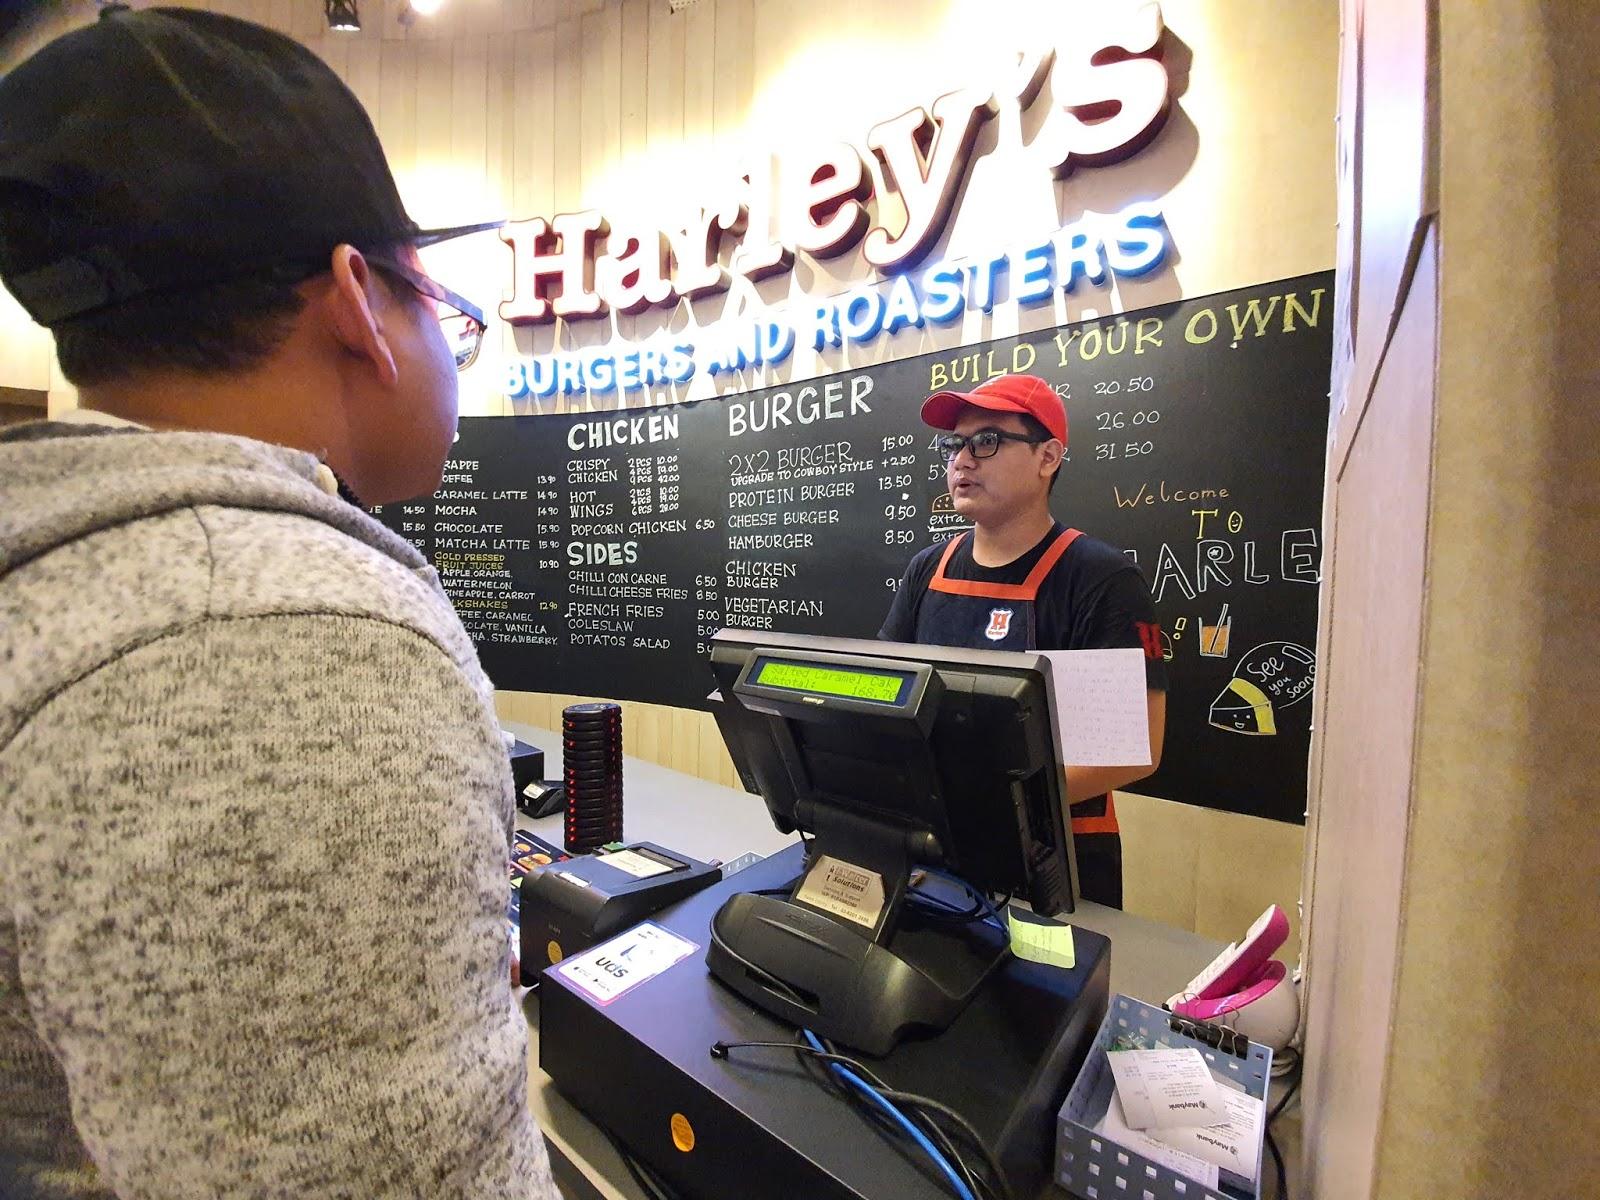 Nikmati Kopi Premium di Harley's Burgers & Roasters!